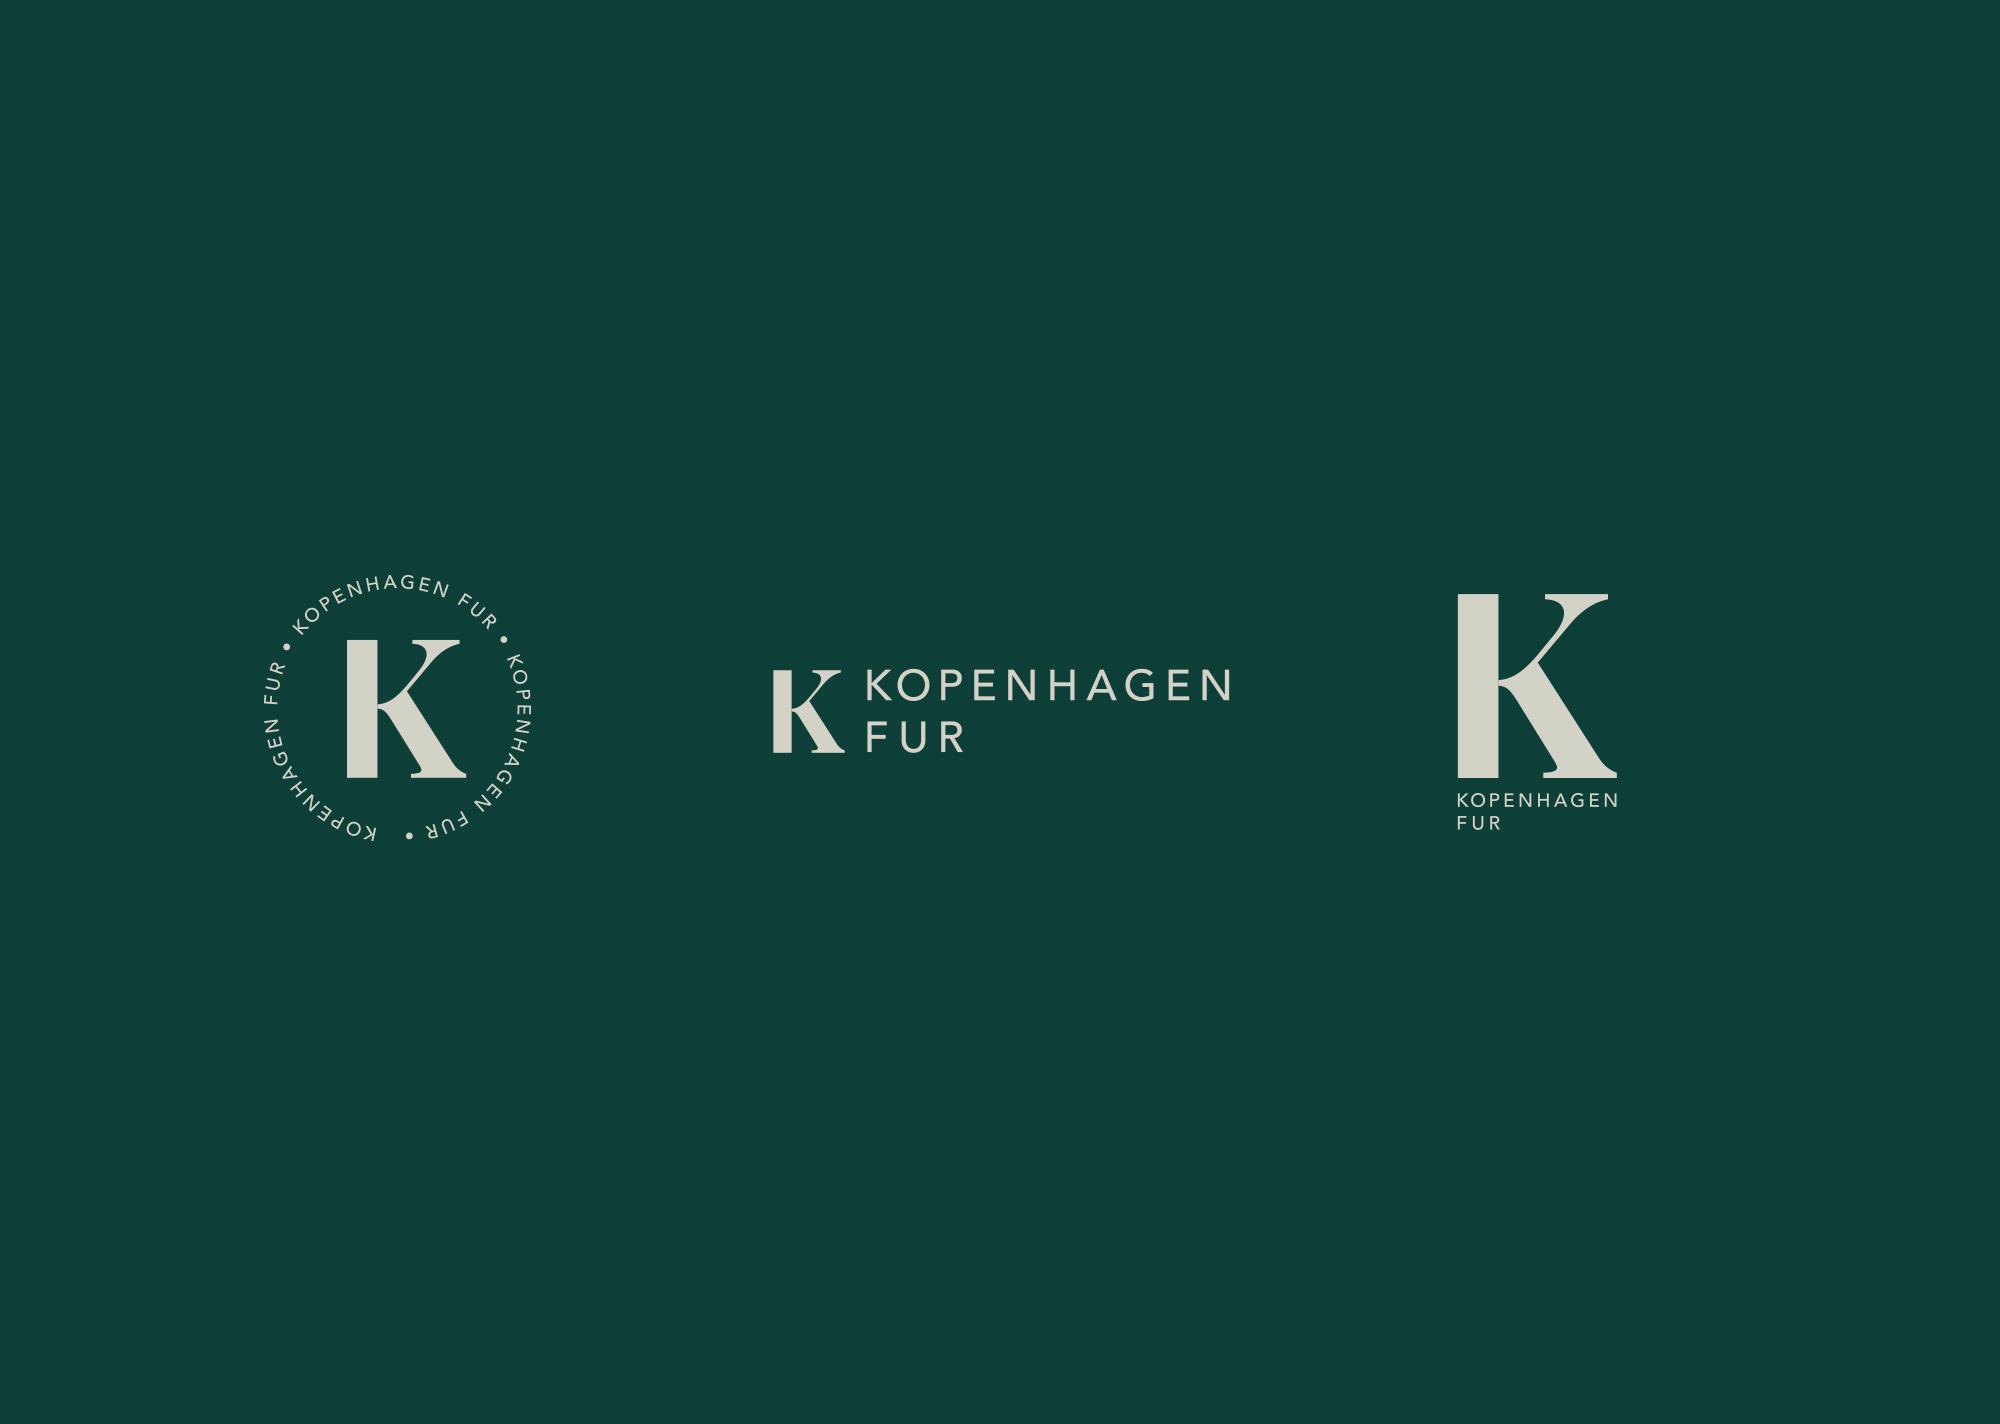 KopenhagenFur_0006_01